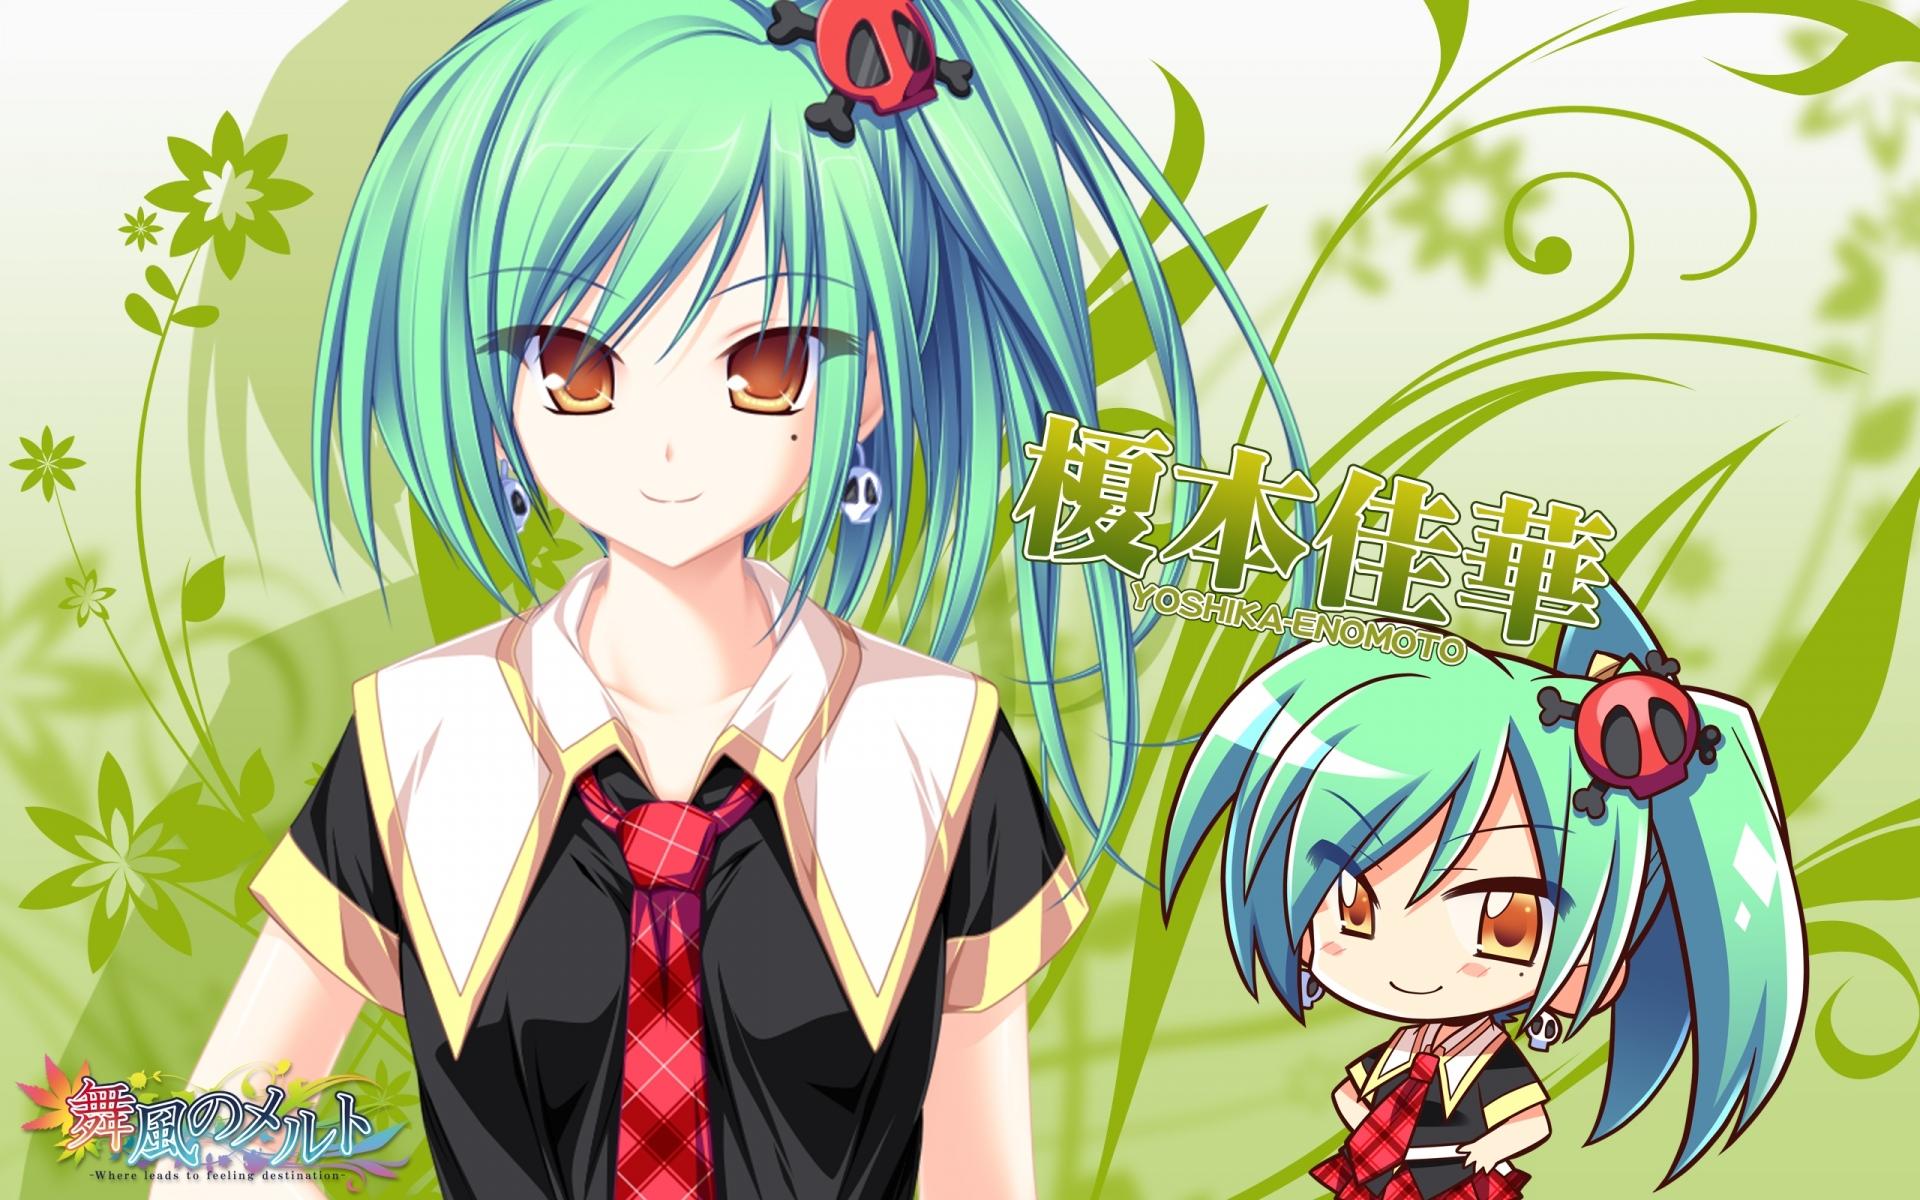 Картинки Tenmaso, maikaze no melt, enomoto yoshika, девушка, аниме, серьги фото и обои на рабочий стол